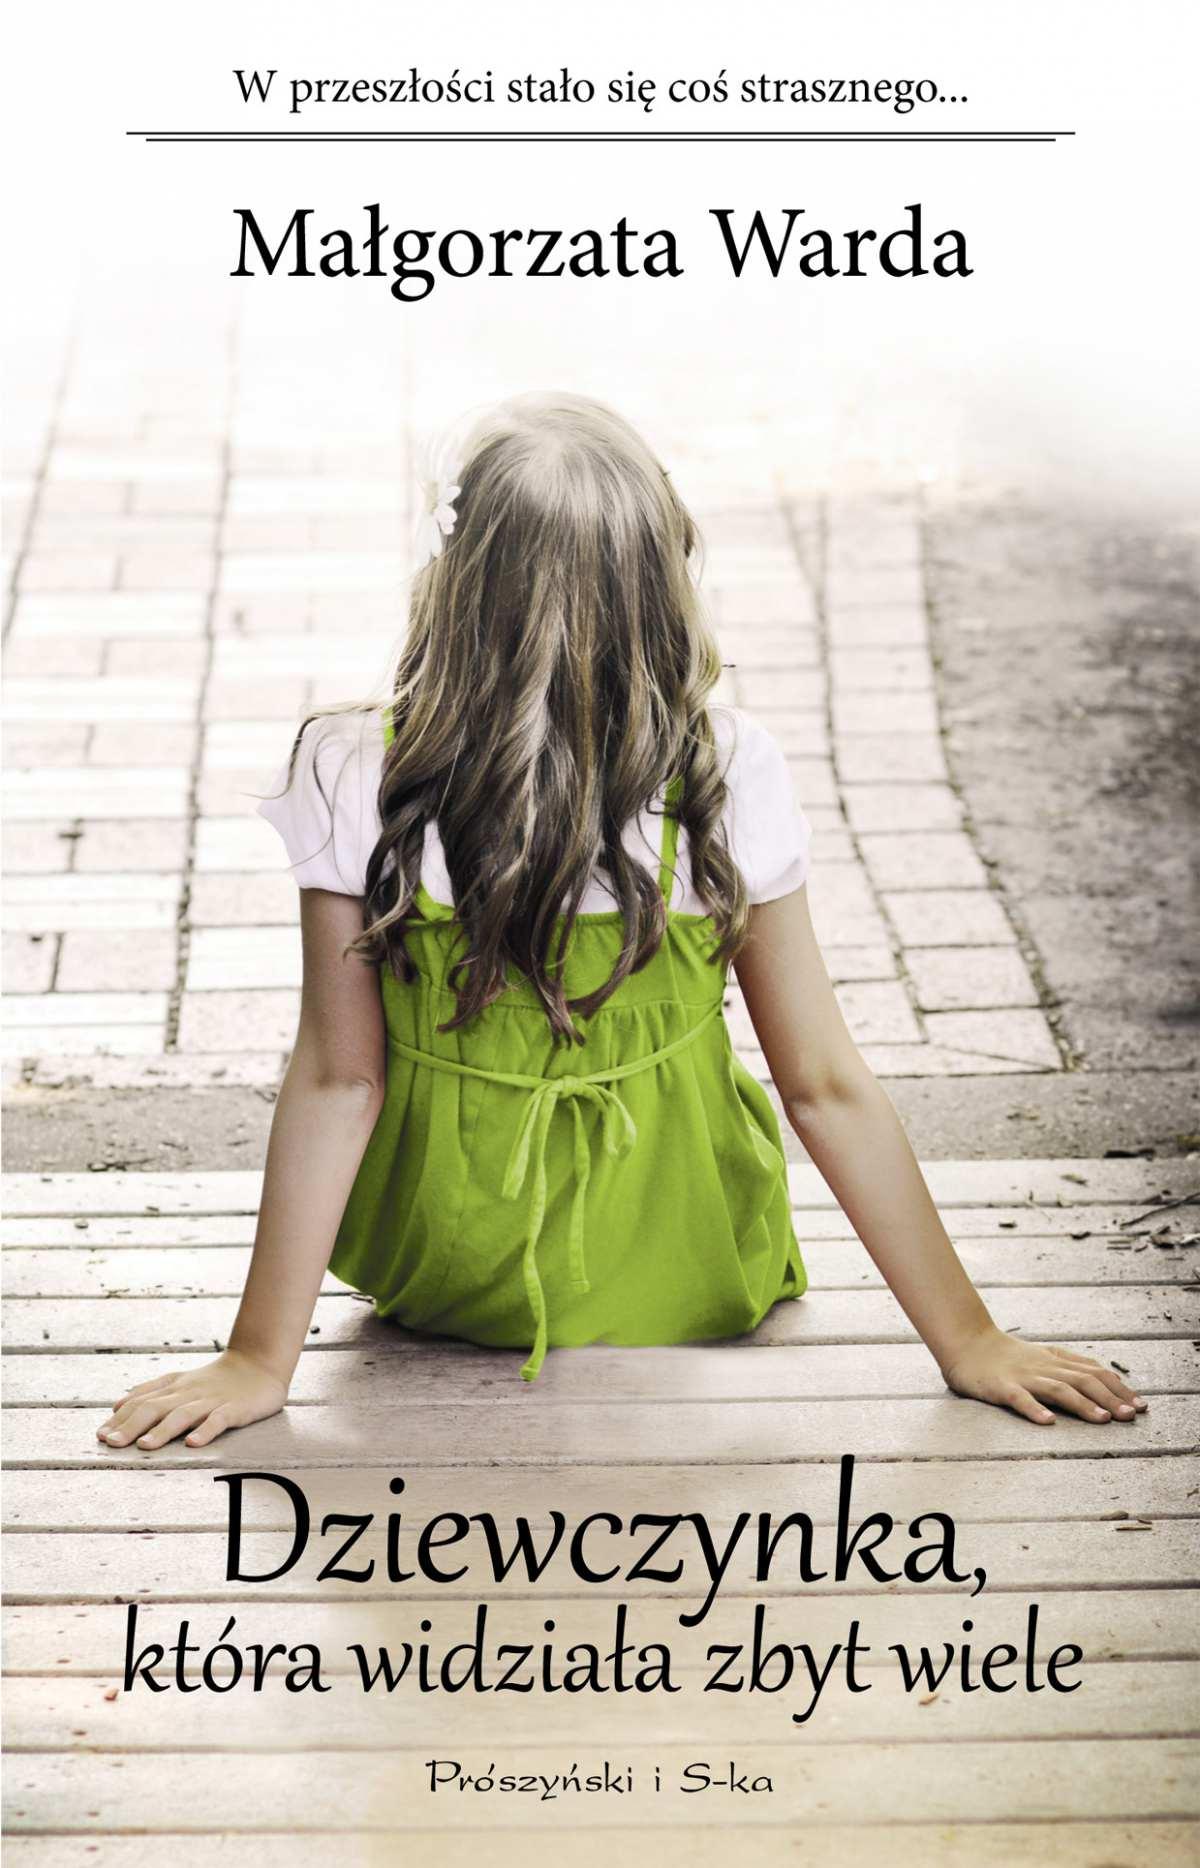 Dziewczynka, która widziała zbyt wiele - Ebook (Książka na Kindle) do pobrania w formacie MOBI